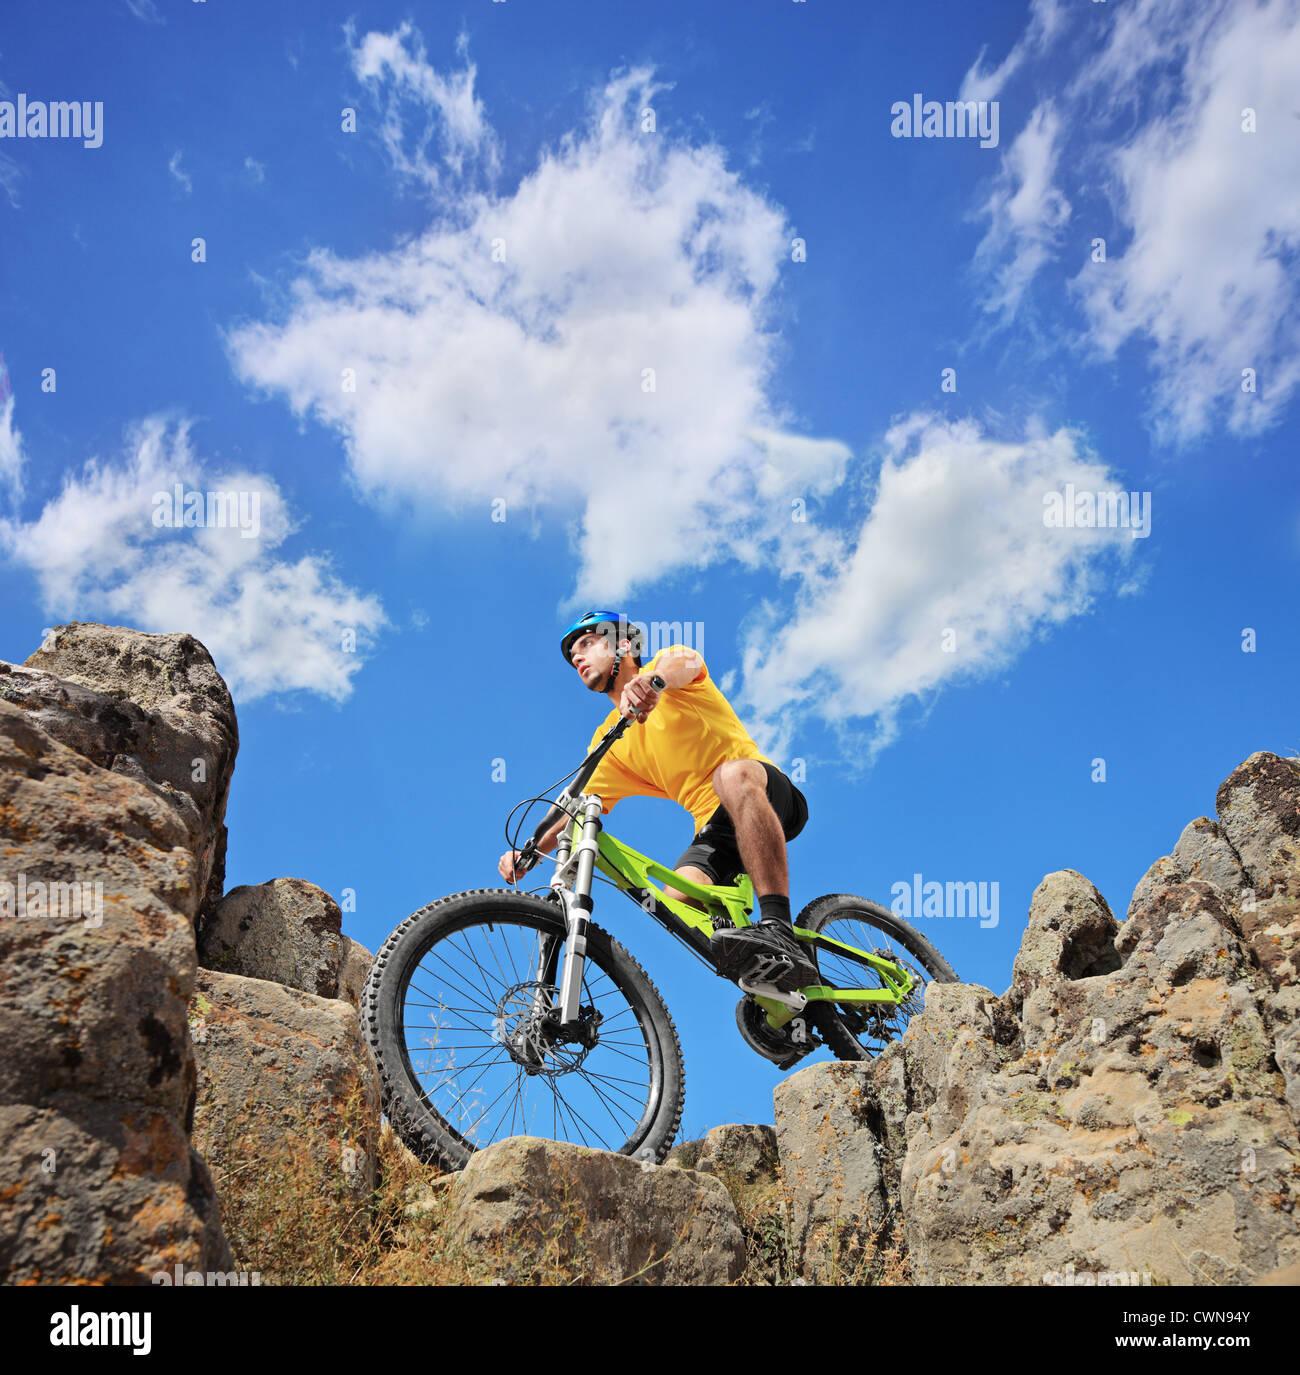 Una persona che sta in sella ad una mountain bike in una giornata di sole e a basso angolo di visione Immagini Stock